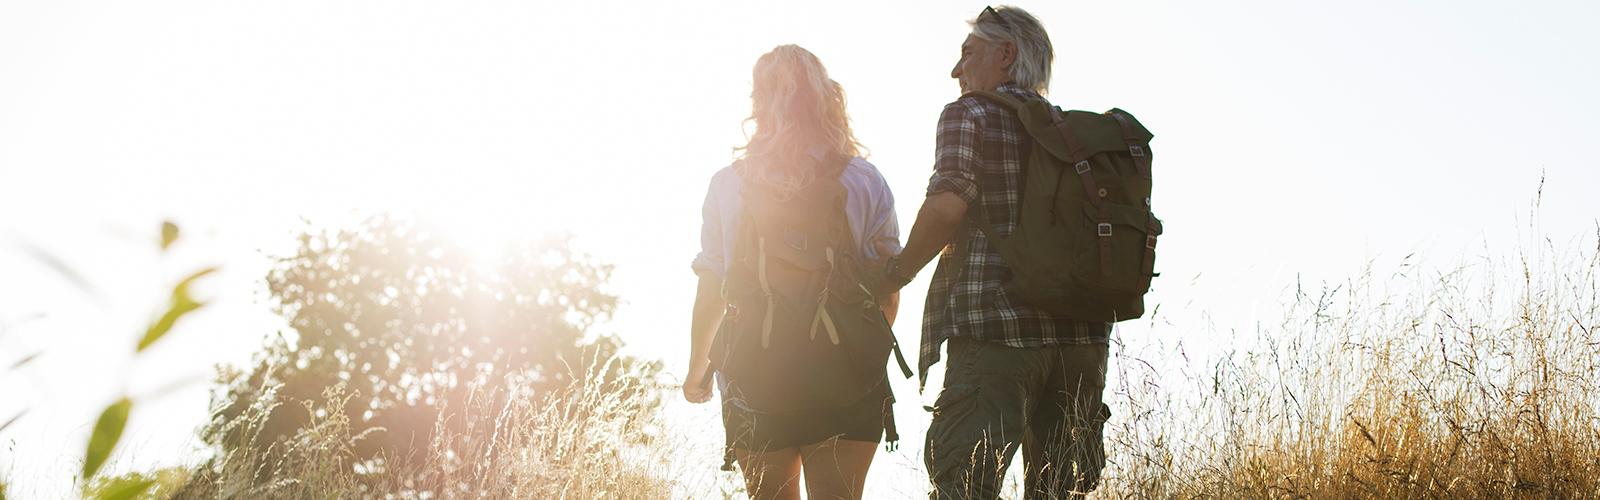 Muškarac i žena zrelih godina šeću kroz sunčano polje